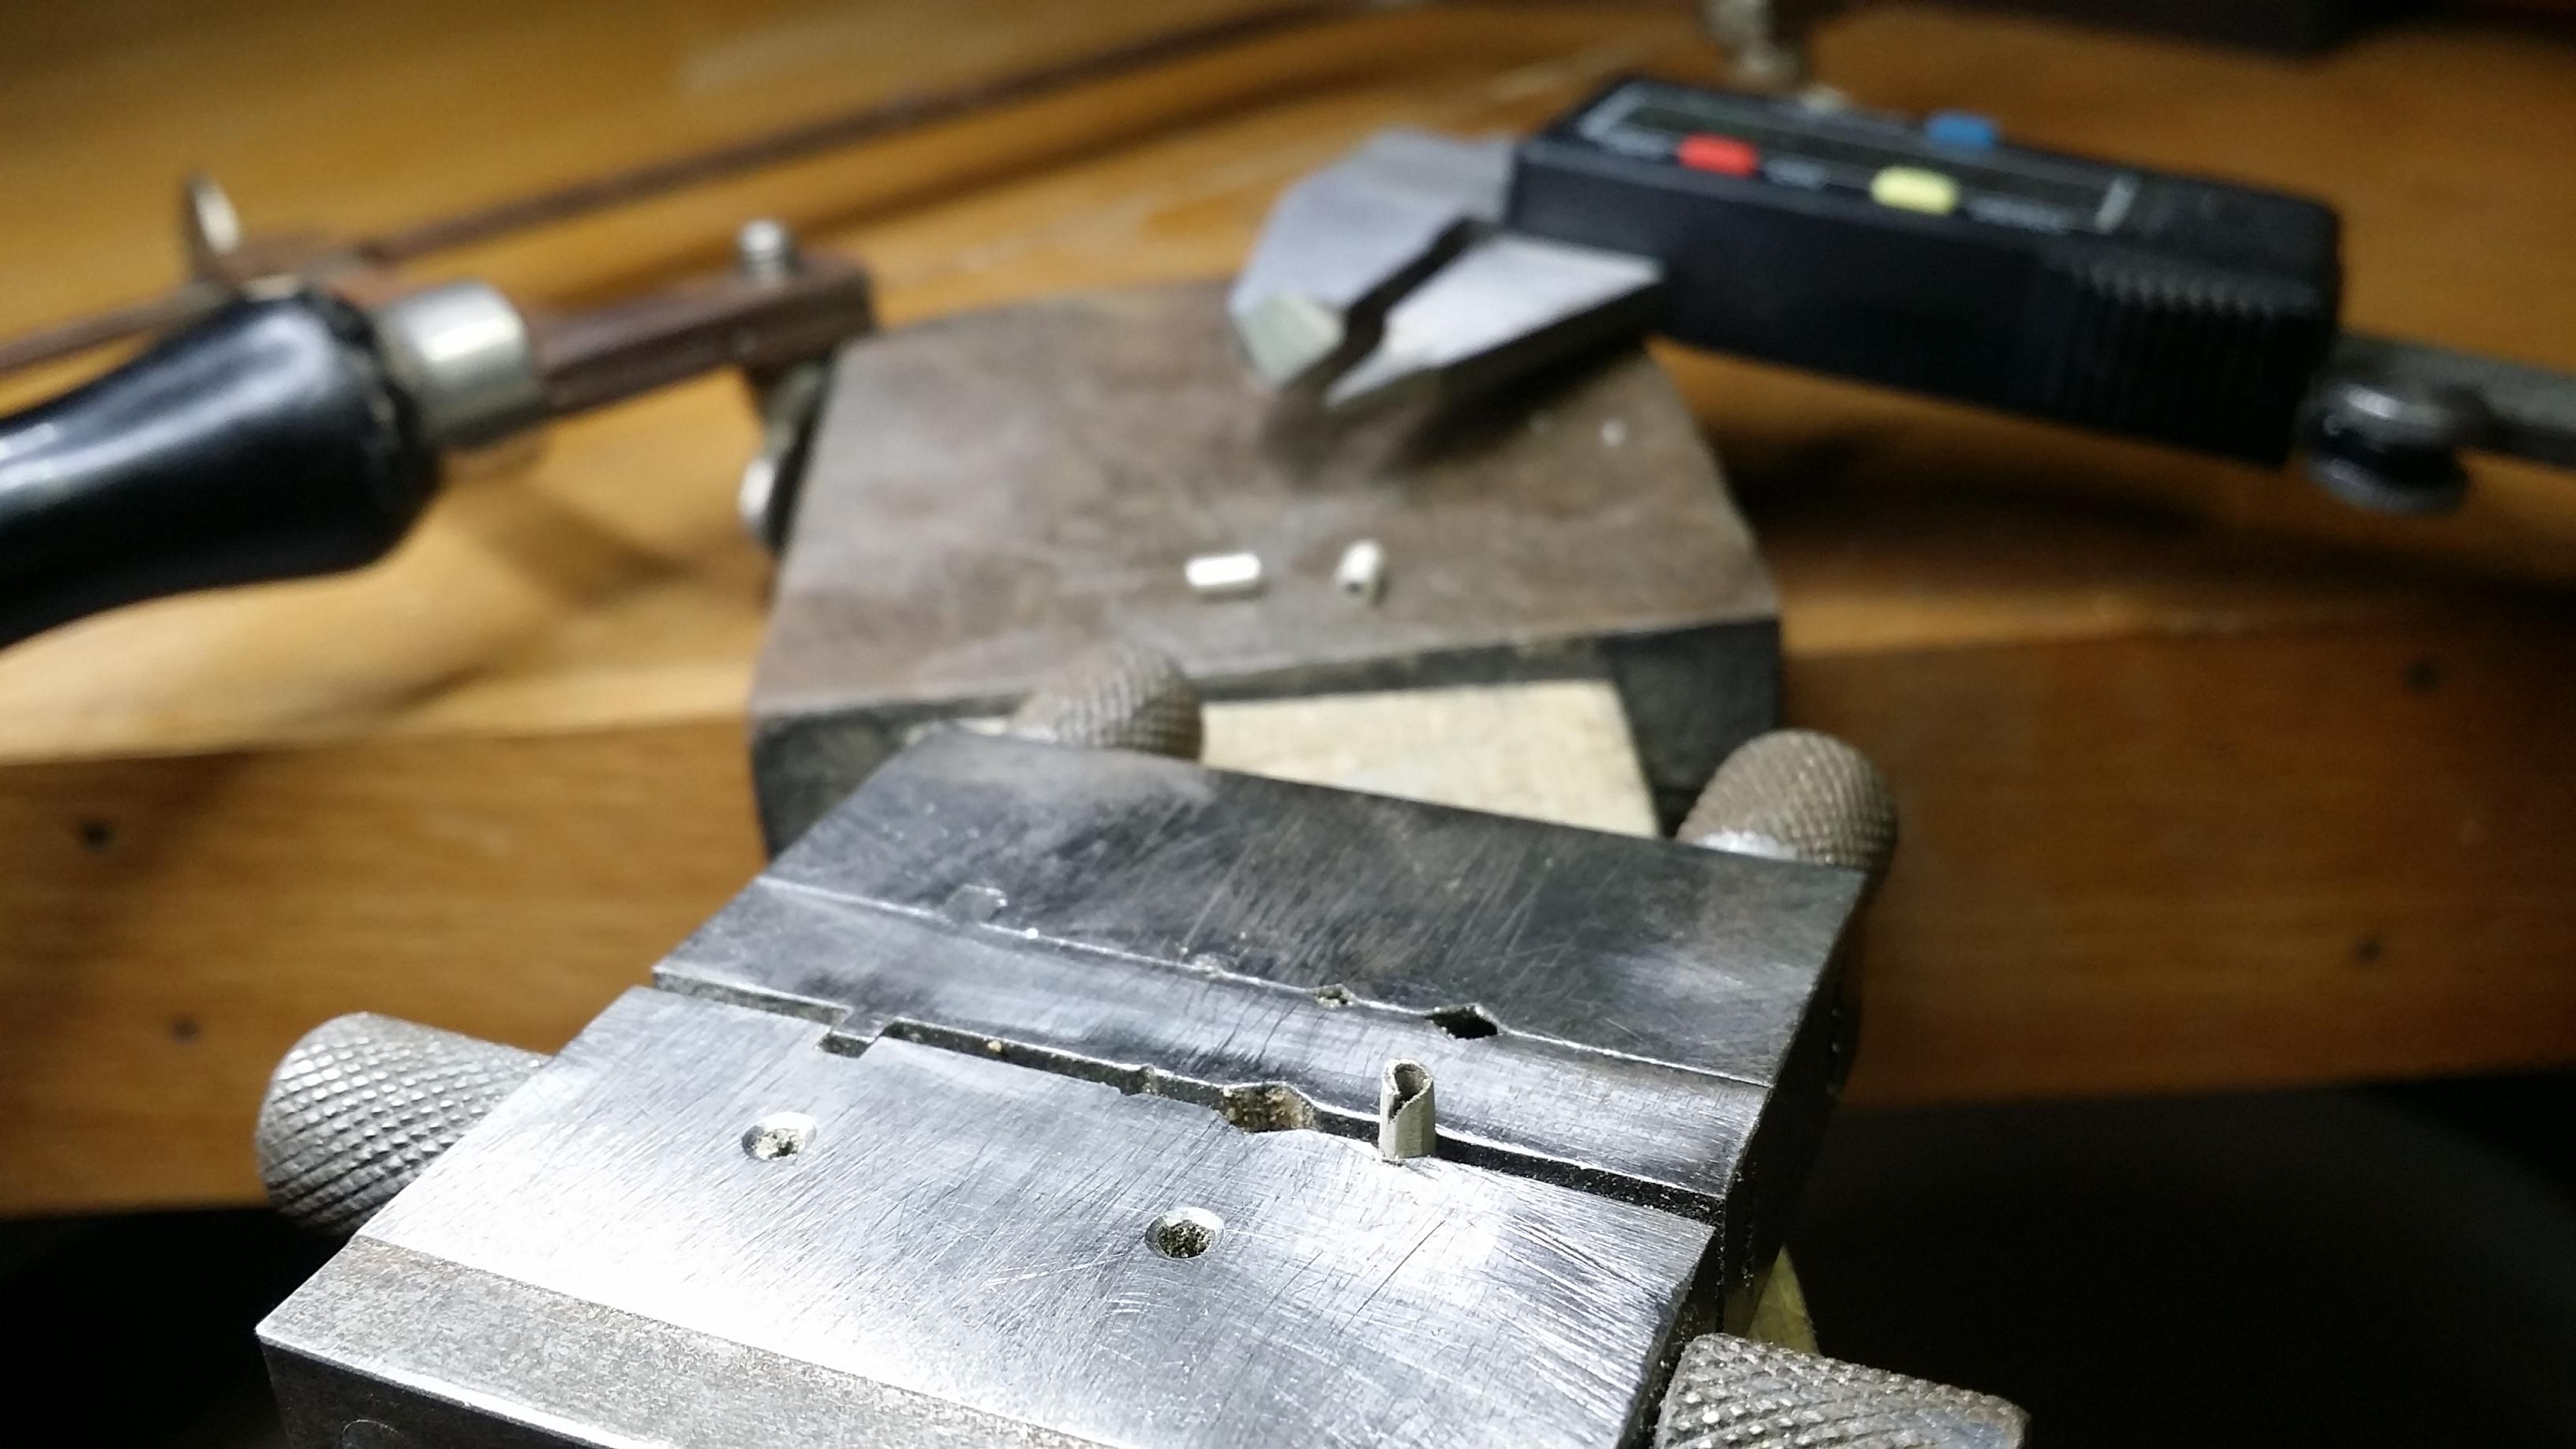 Cutting tubing